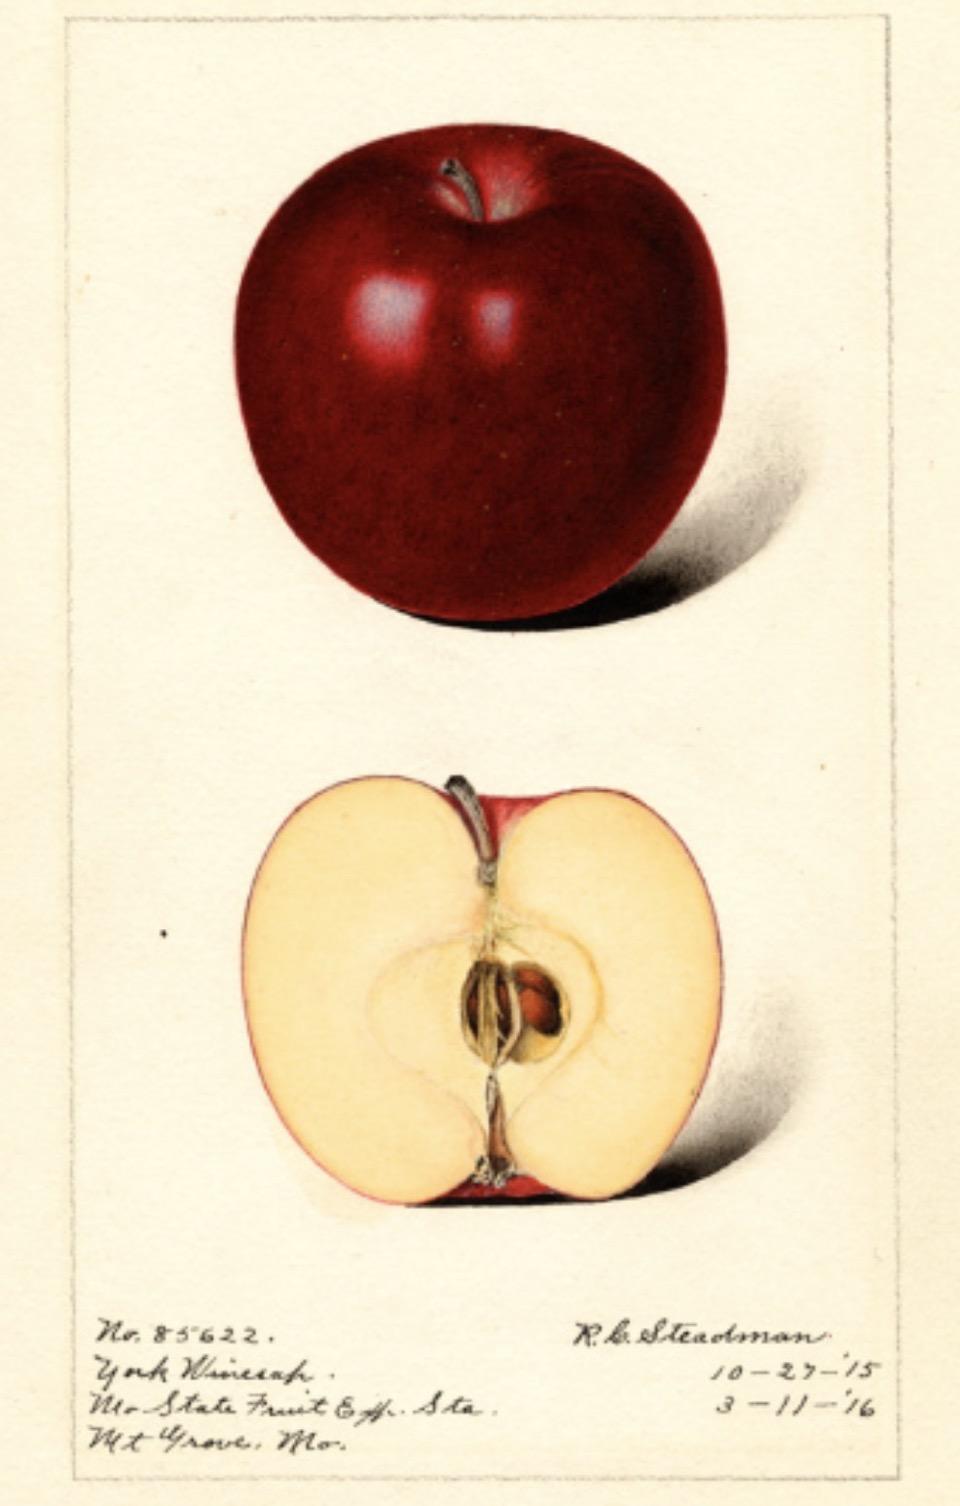 Historische Abbildung eines dunkelroten und eines aufgeschnittenen Apfels; USDA